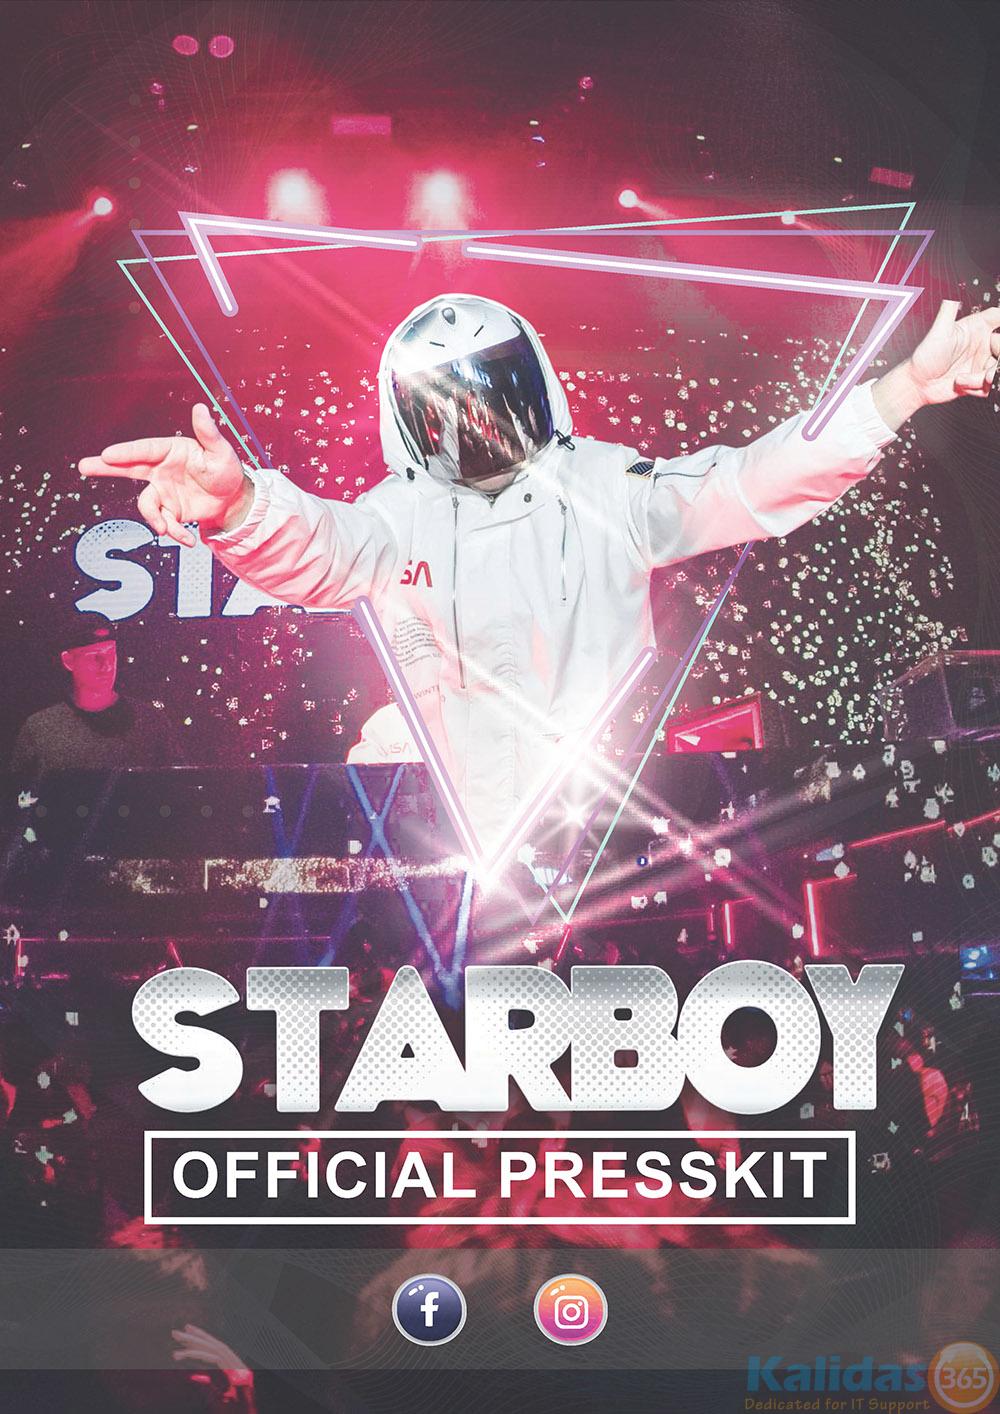 STARBOY-web-1_Part1